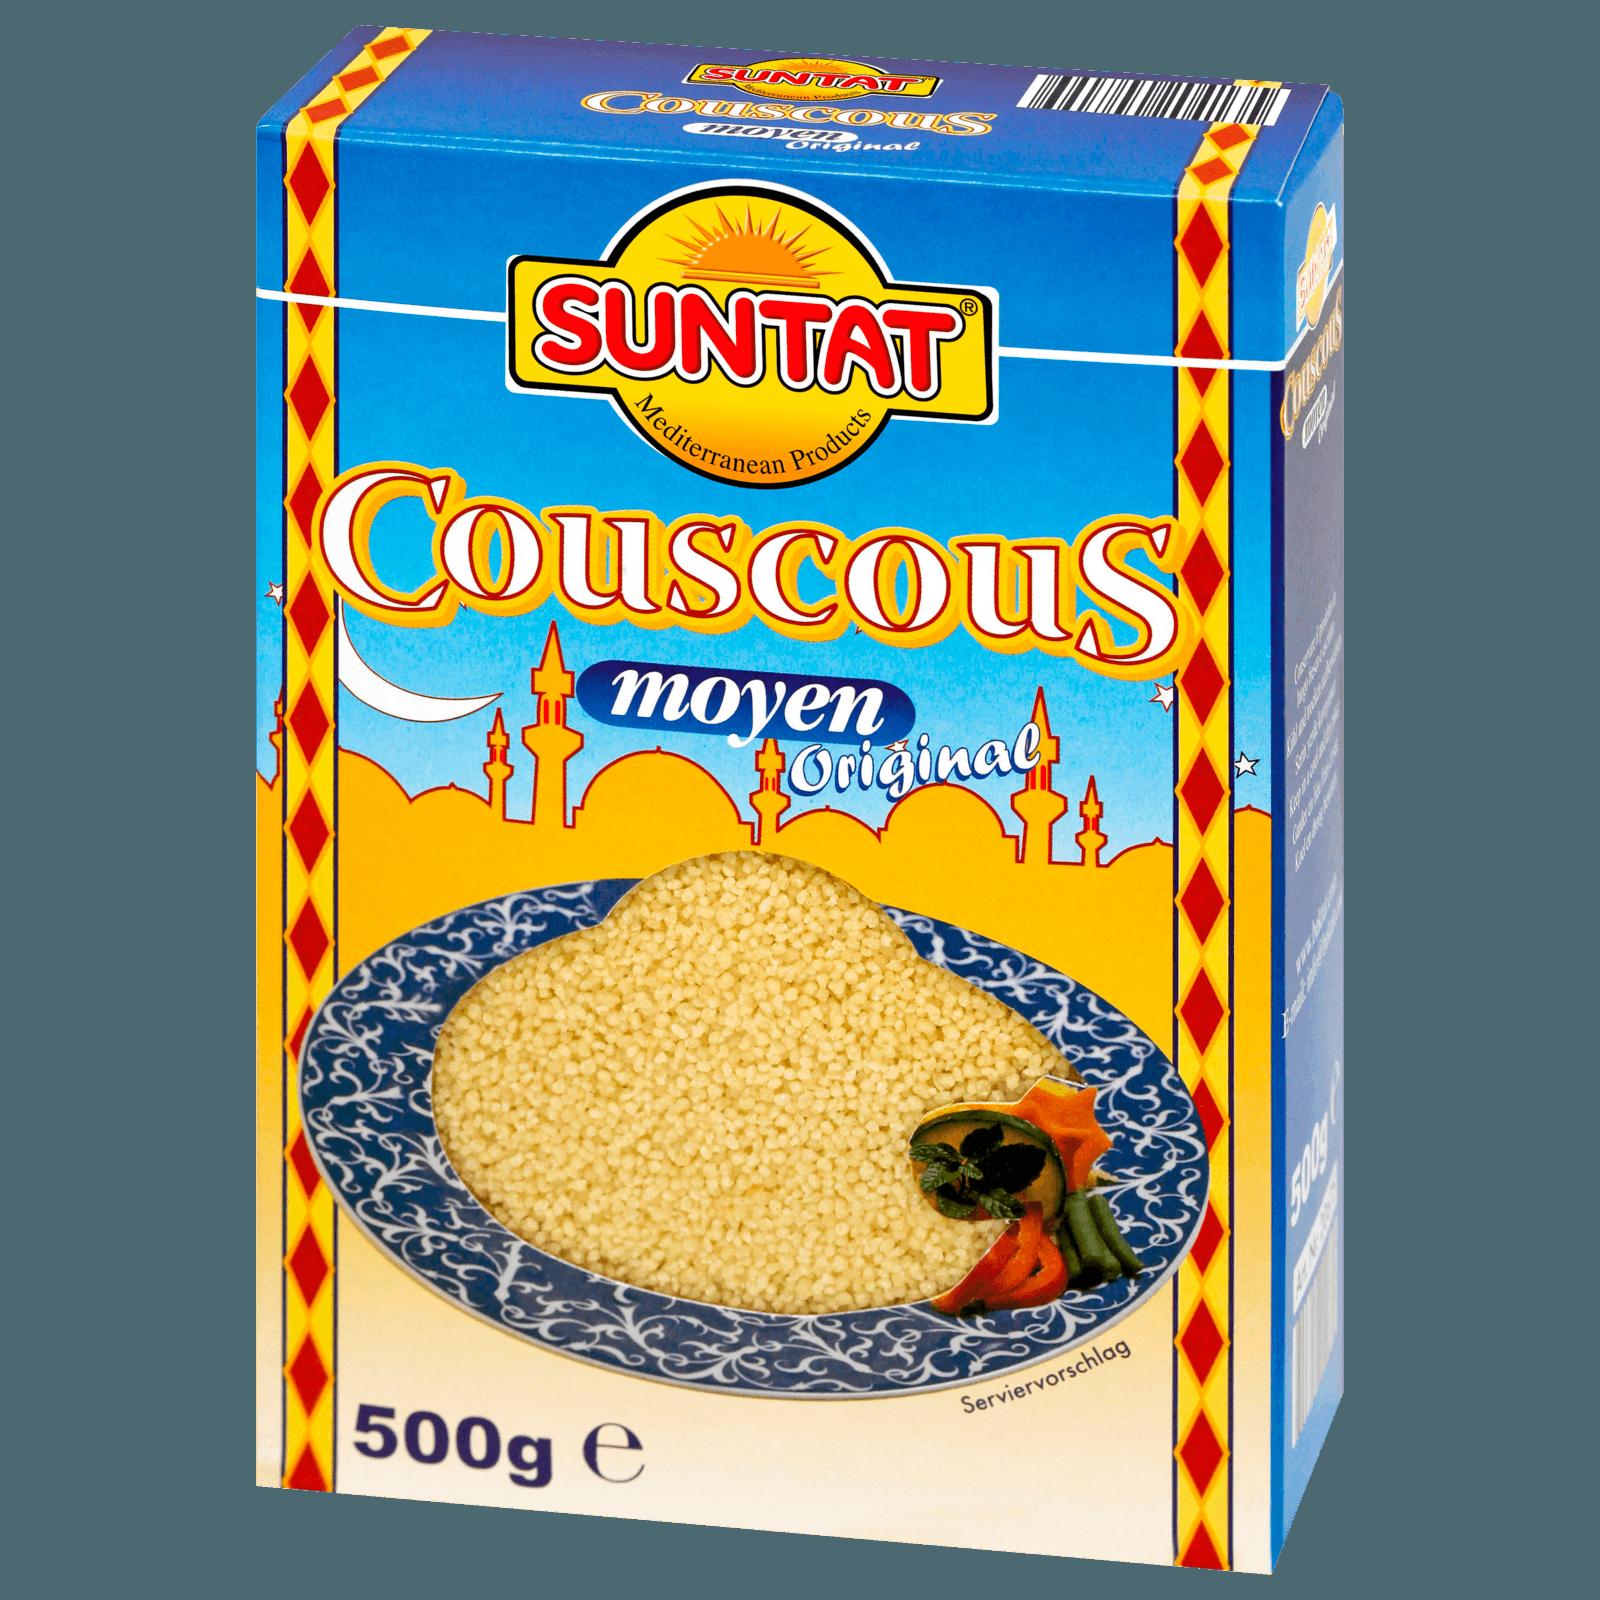 Suntat Couscous 500g